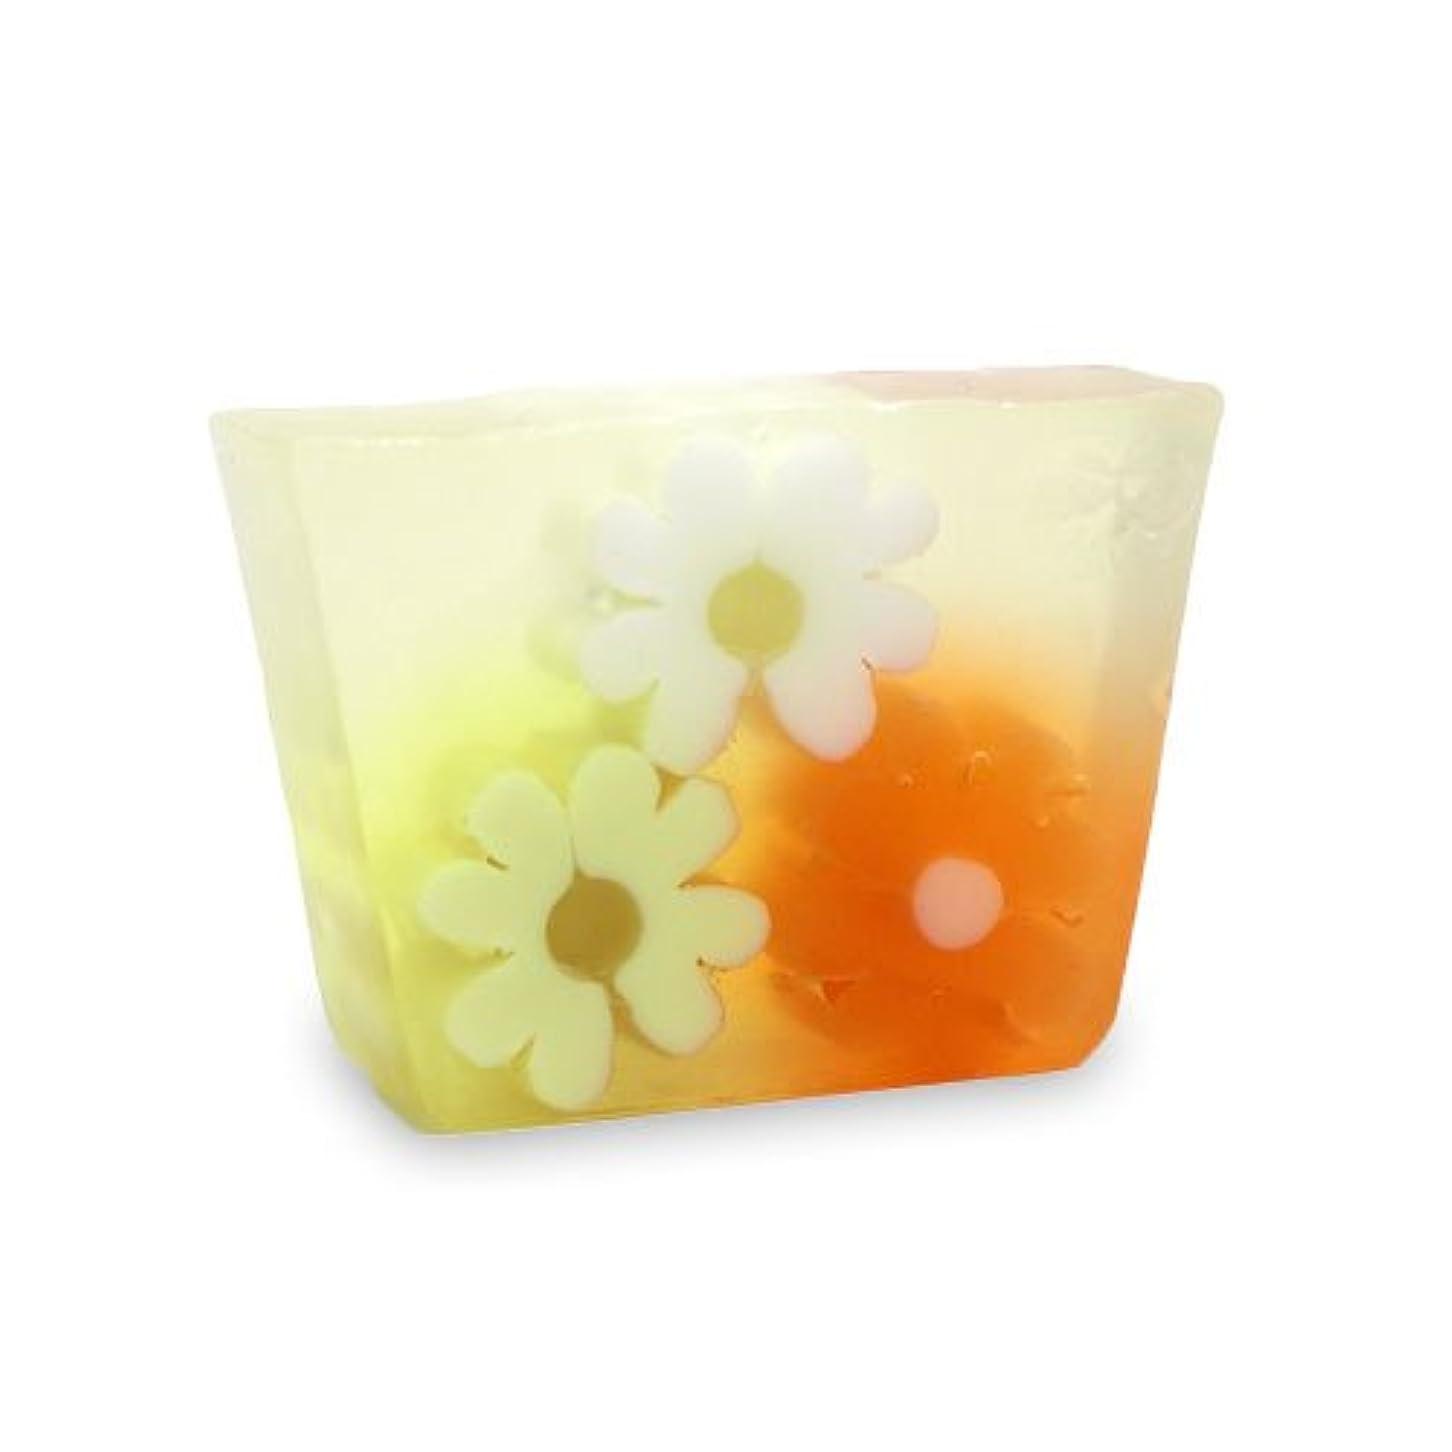 保護実装する入るプライモールエレメンツ アロマティック ミニソープ オレンジフラワーショップ 80g 植物性 ナチュラル 石鹸 無添加